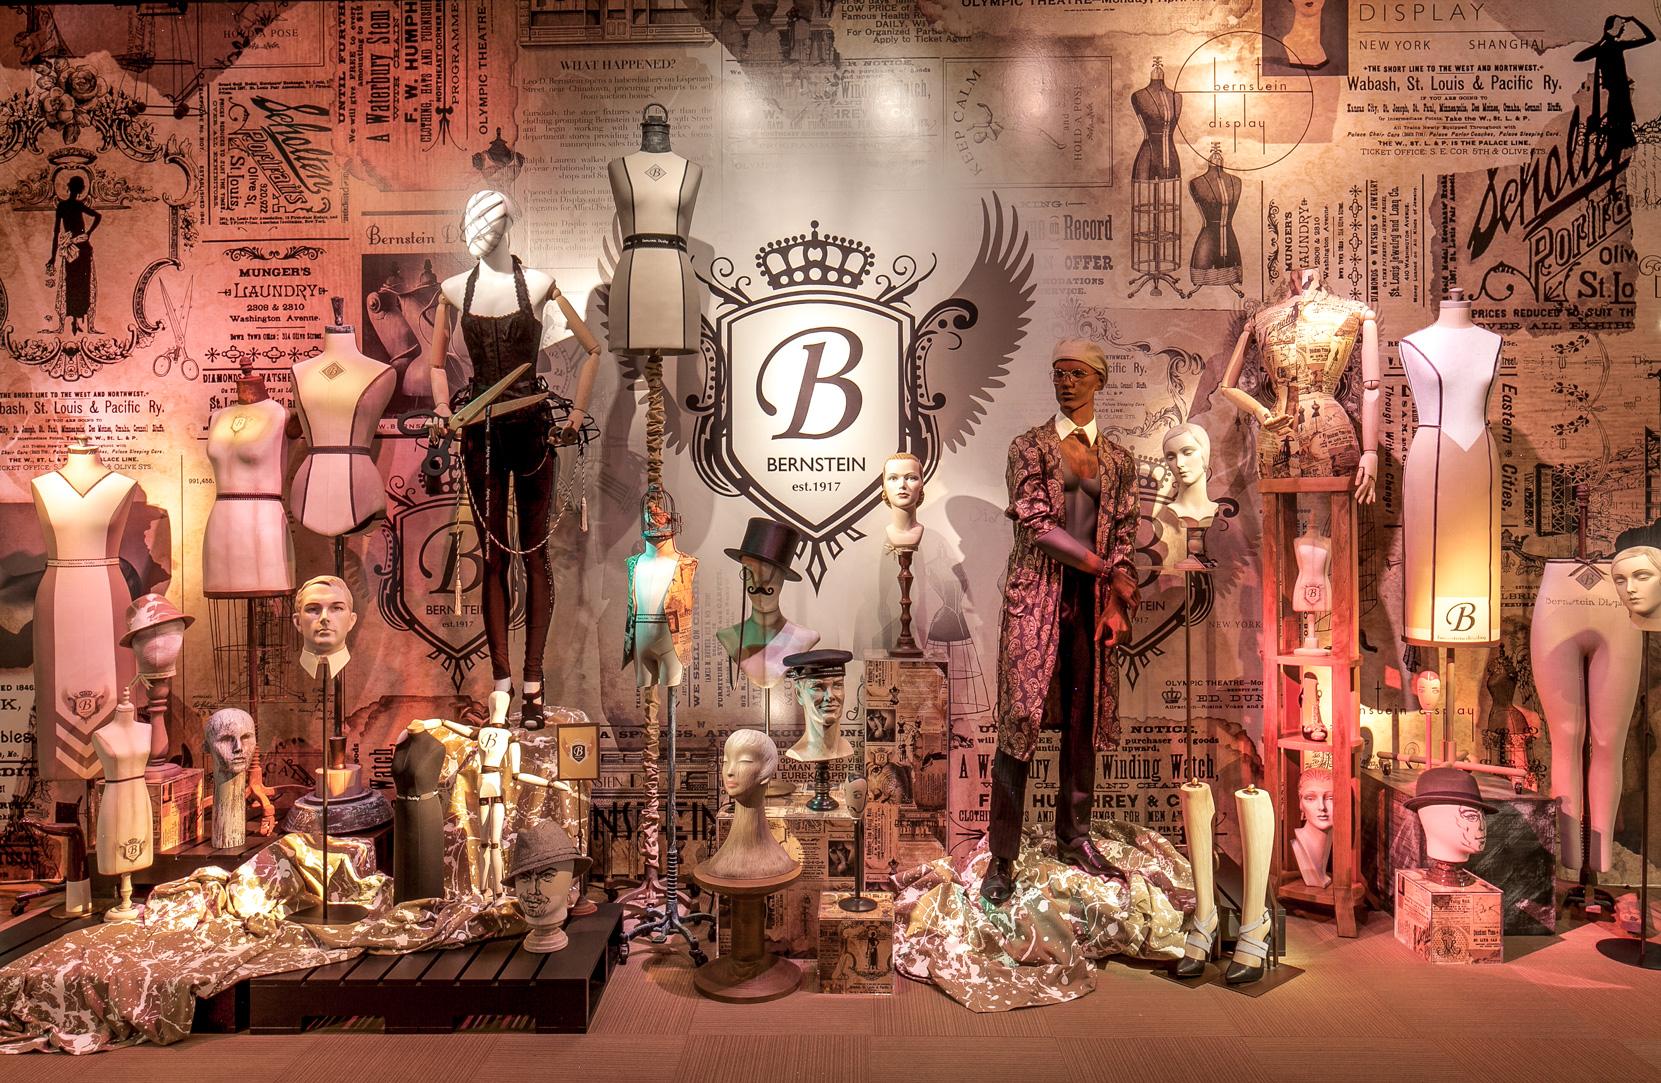 Bernstein Showroom 2017